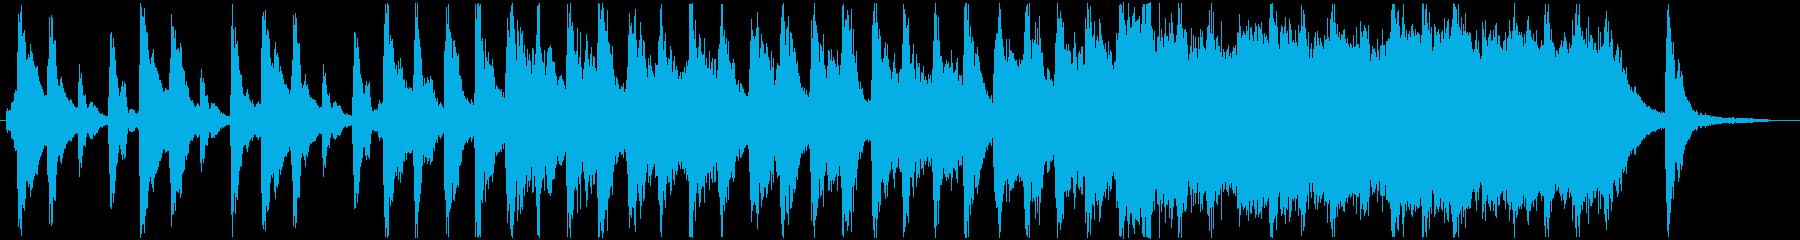 ホラー調のかわいいコミカルな曲ですの再生済みの波形